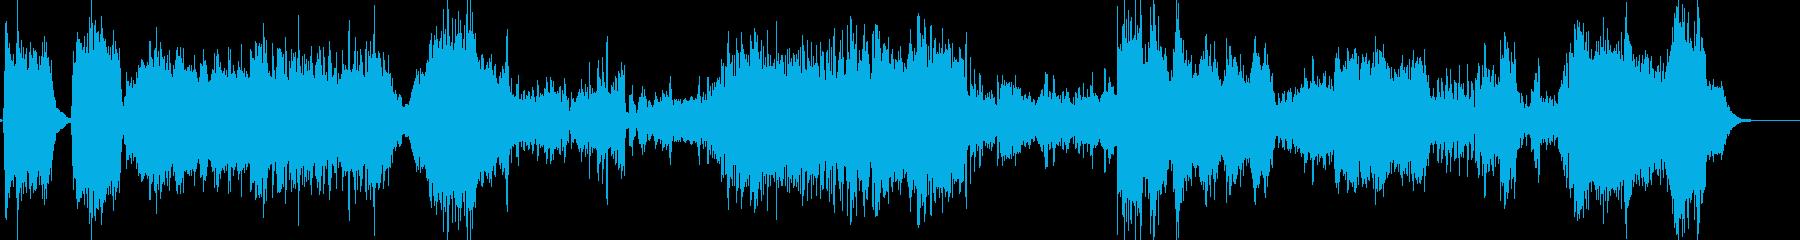 四季より「夏」第3楽章/生演奏の再生済みの波形